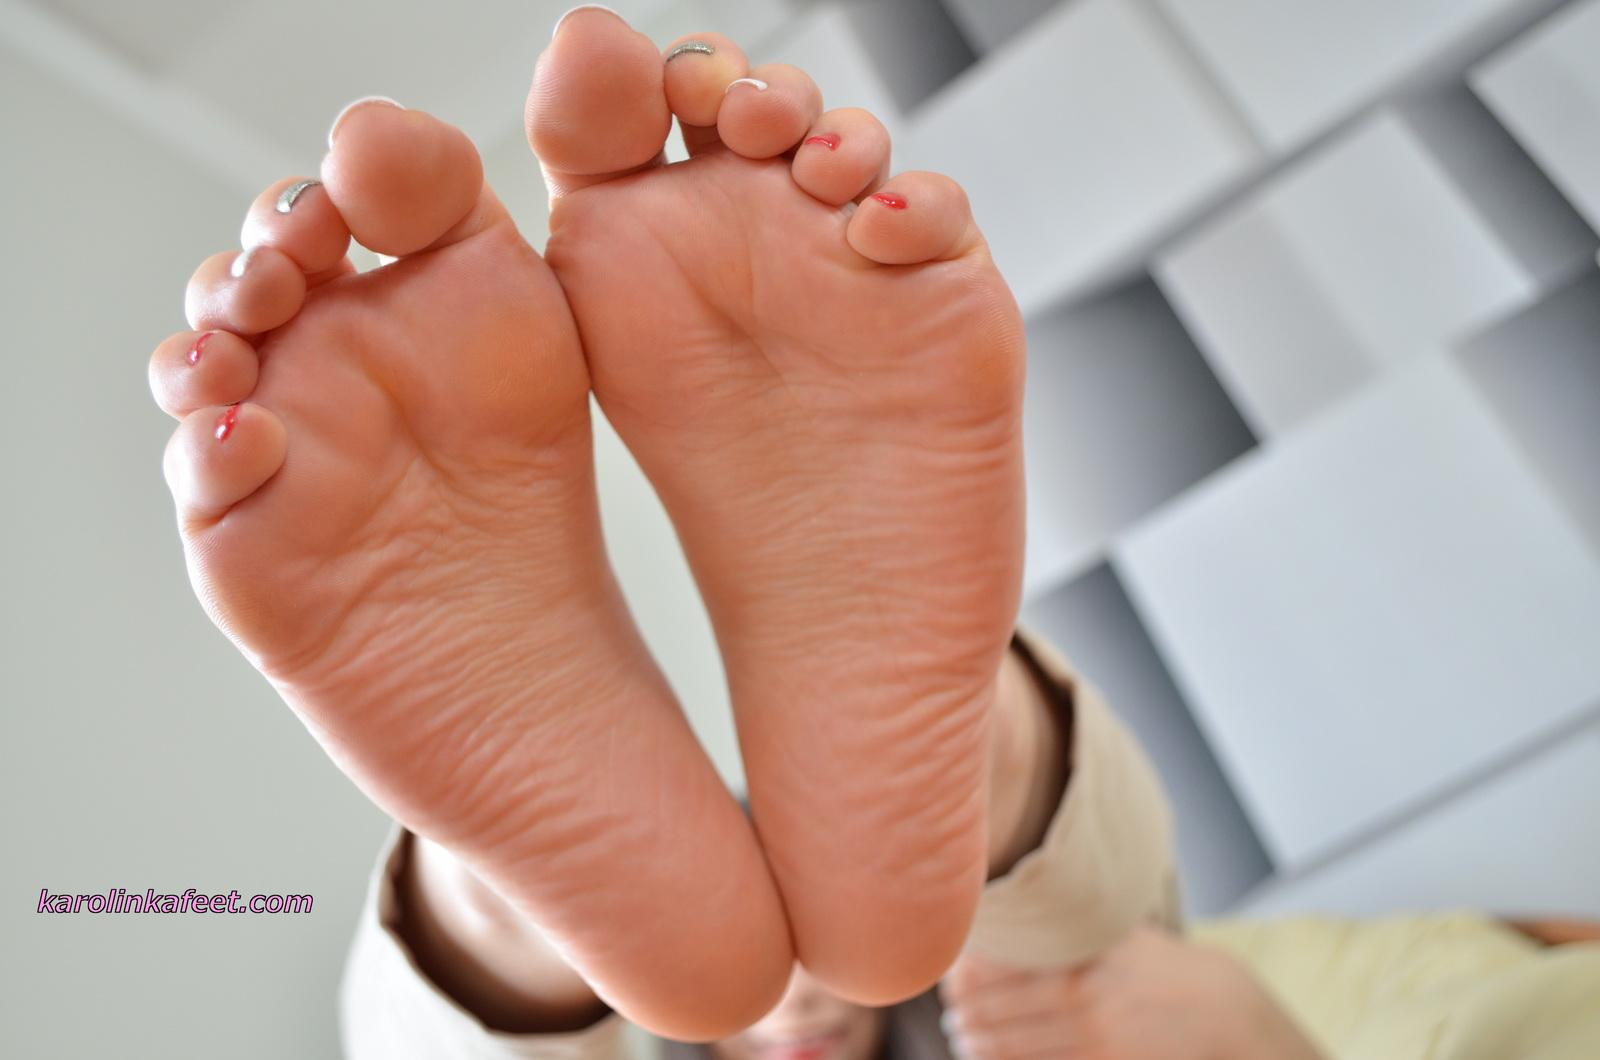 Asian Lesbian Feet Smell